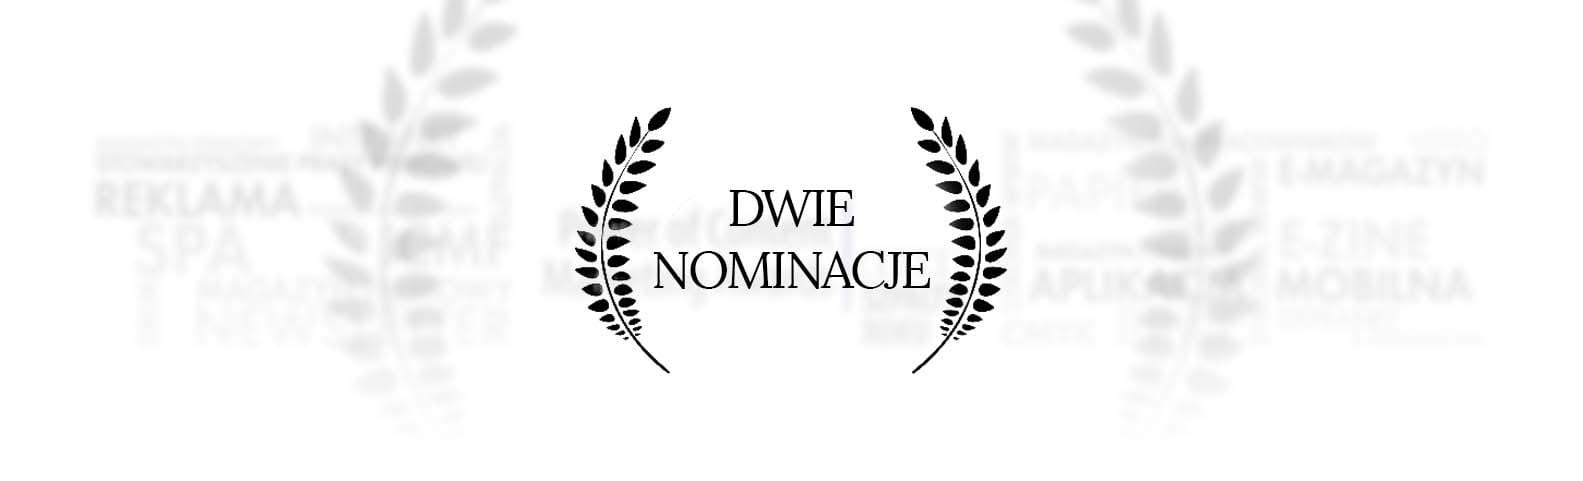 Dwie nominnacje - onboard